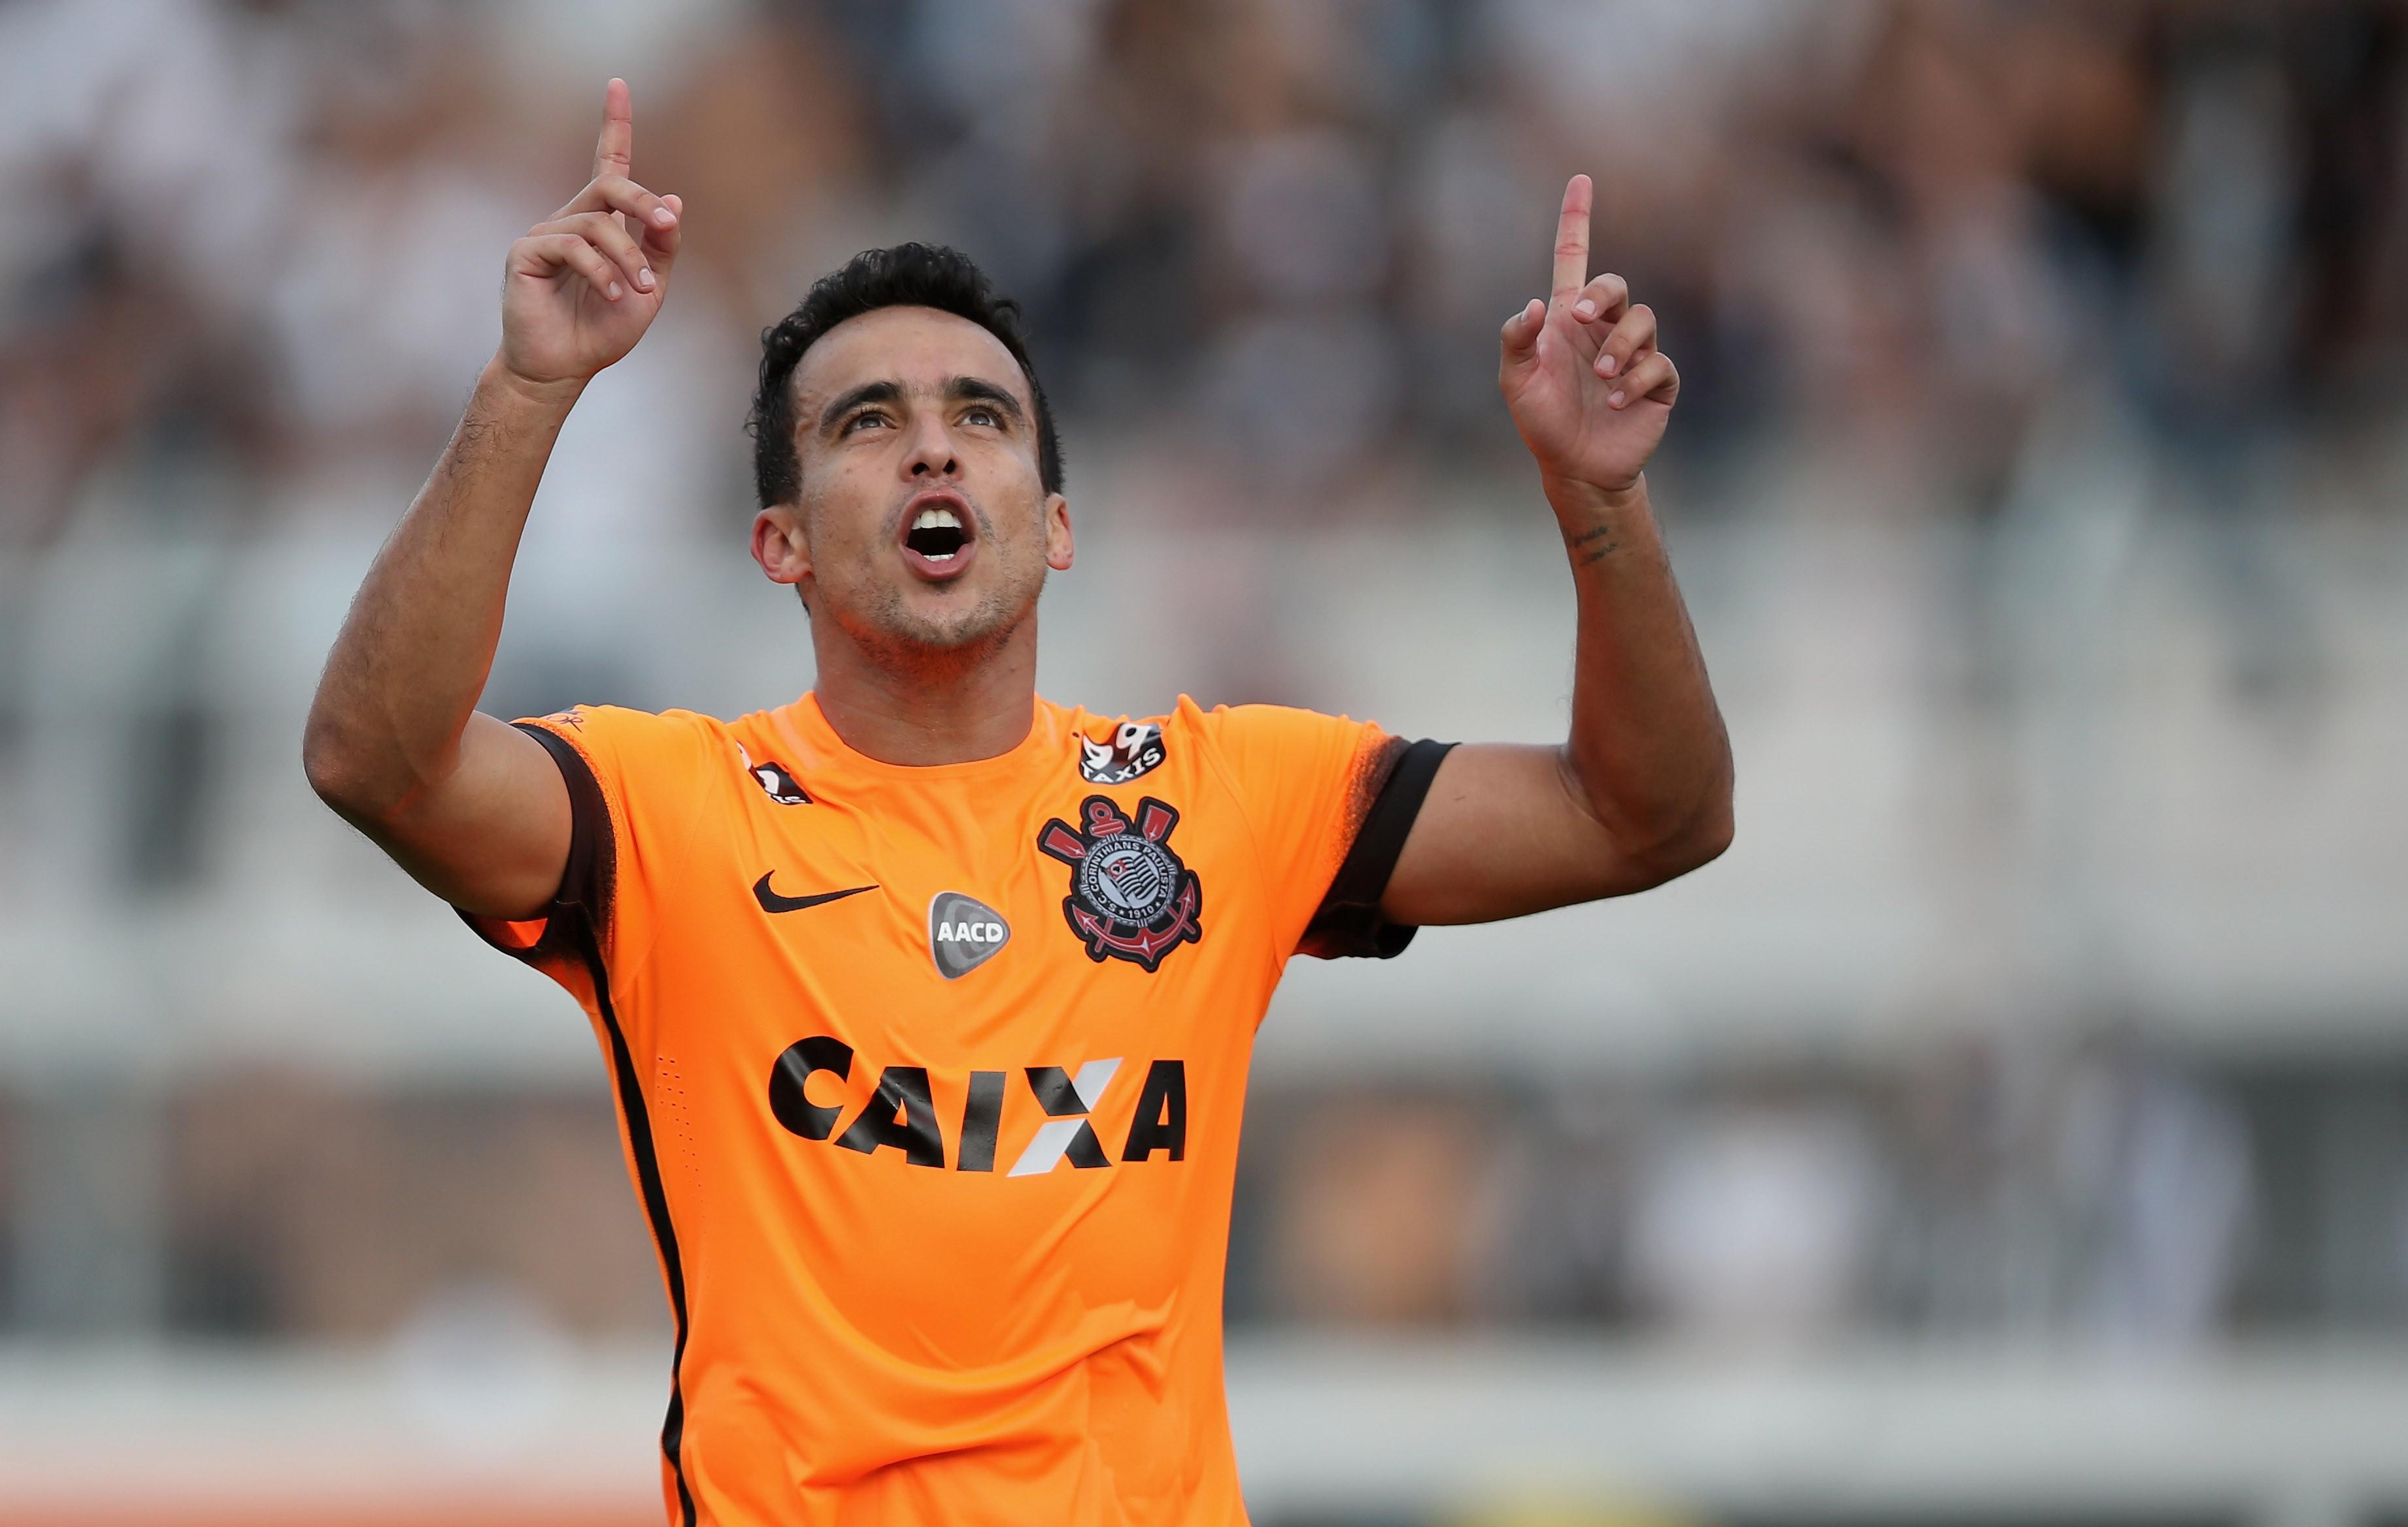 Jadson pelo Corinthians em 2015. Para jogador, Bolsonaro defende valores com os quais ele concorda. (Foto: Getty Images/ Friedemann Vogel )